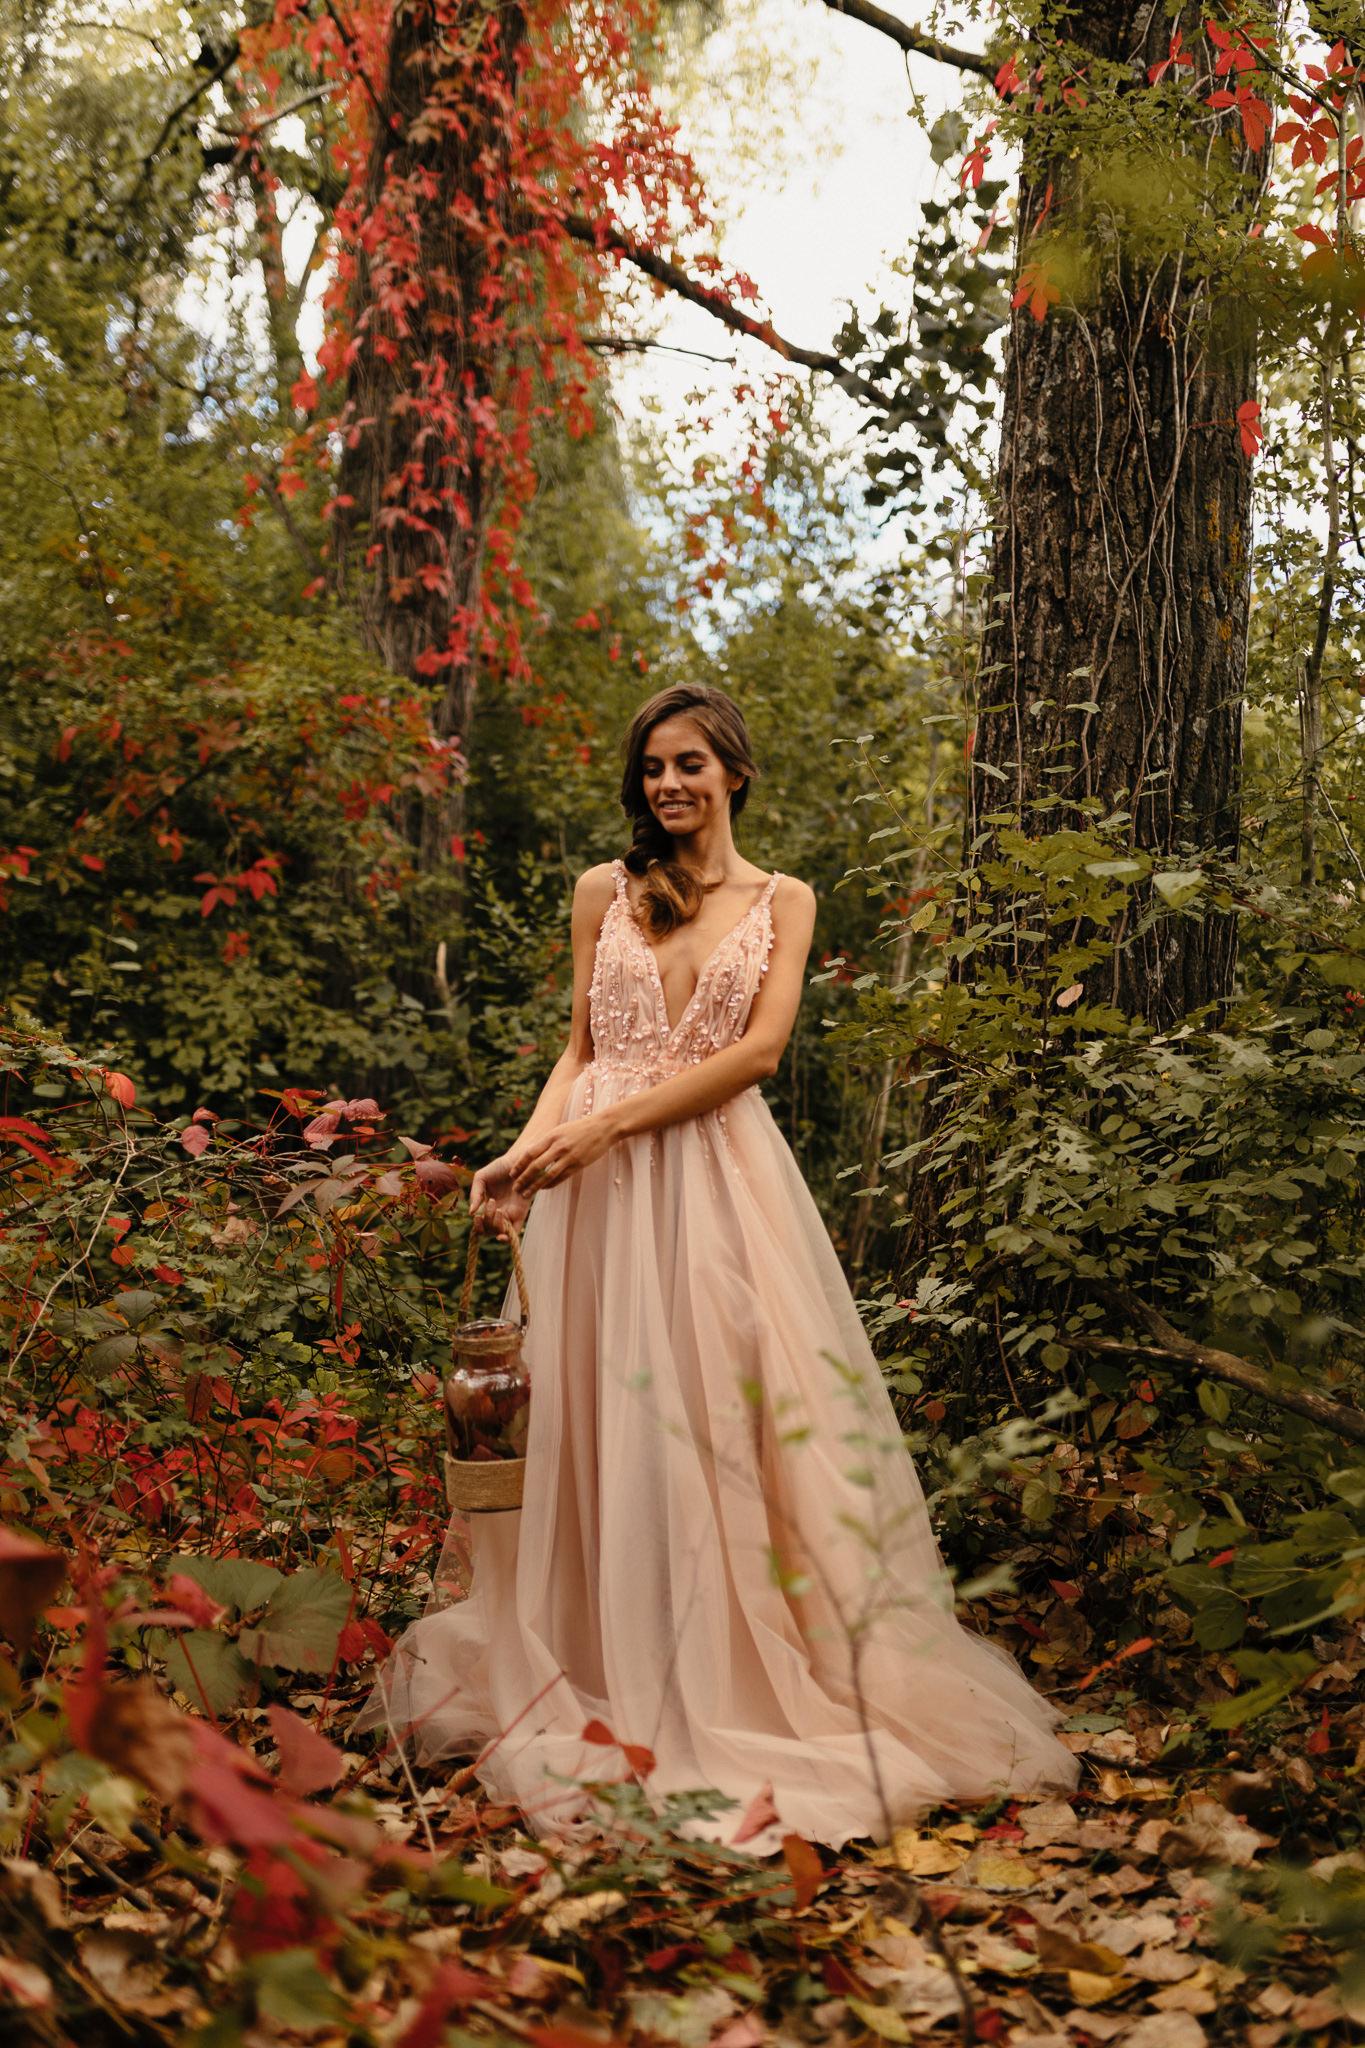 Oana Nutu Loretta peach piersicuta tul rochie seara rochie ocazie rochie designer Oana Turcescu broderie glam2 (1)